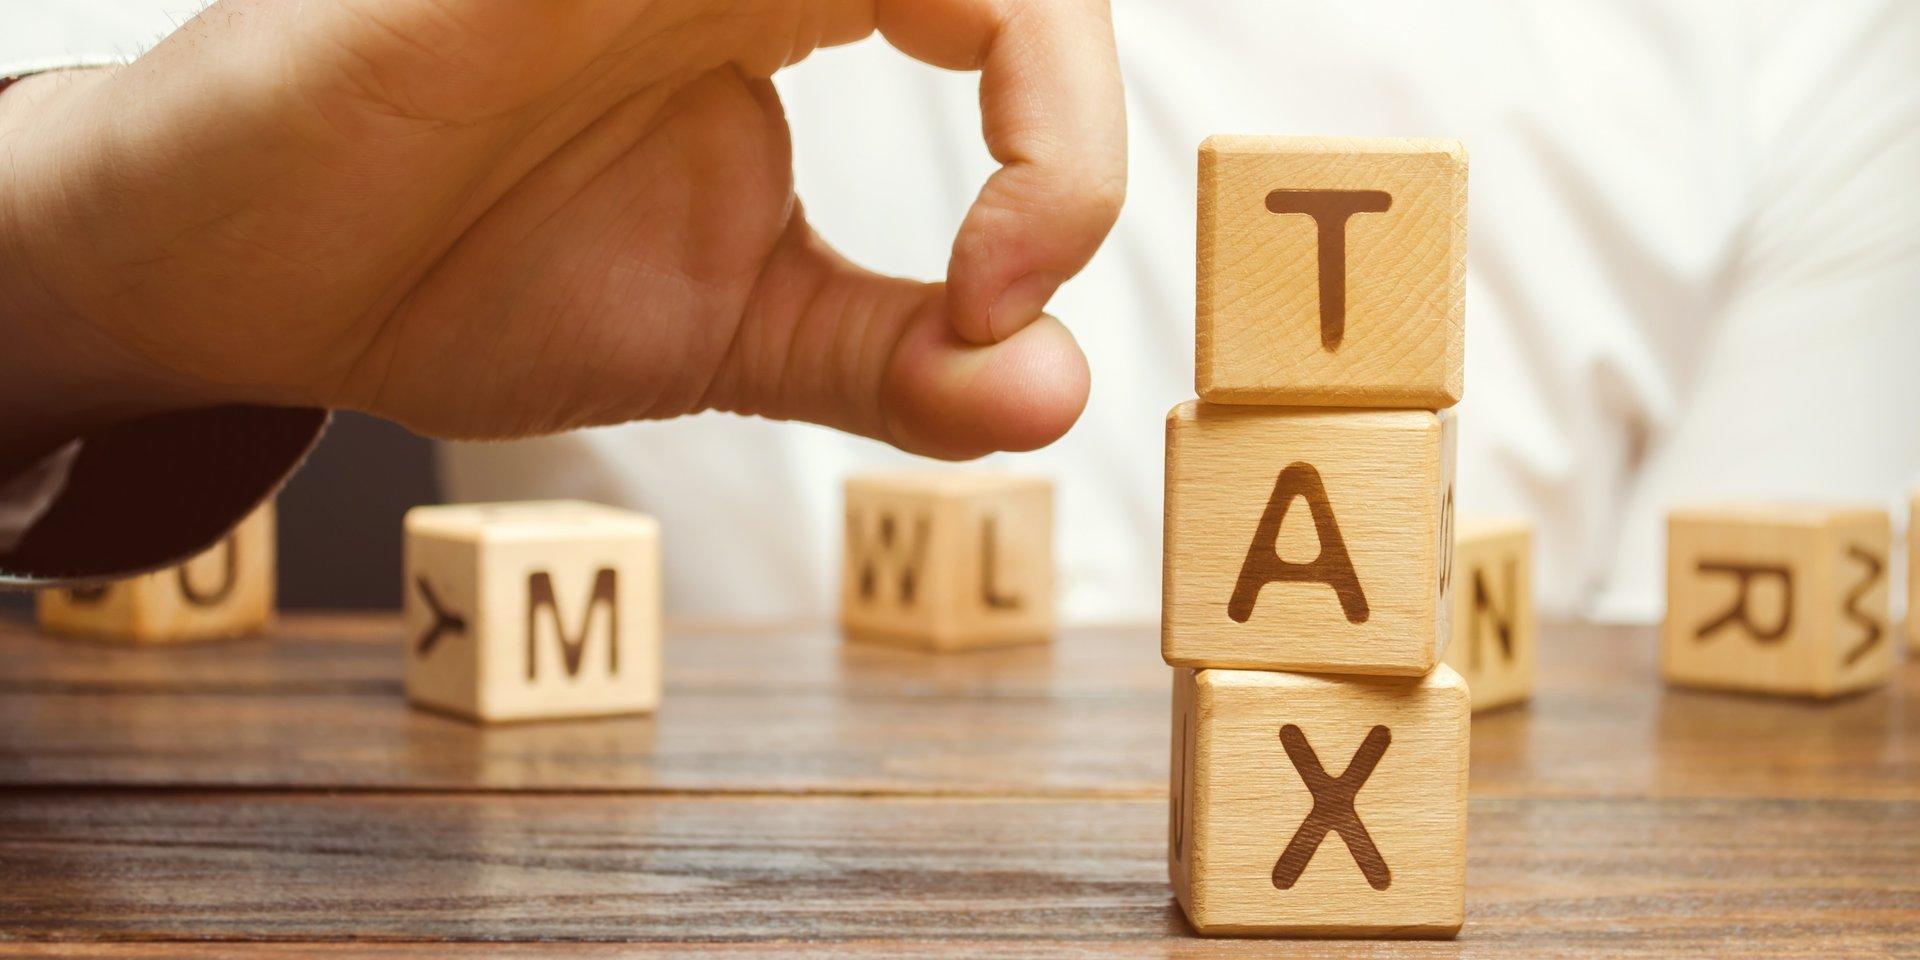 [Tarcza finansowa] Przychody i koszty podatkowe w związku z subwencją PFR